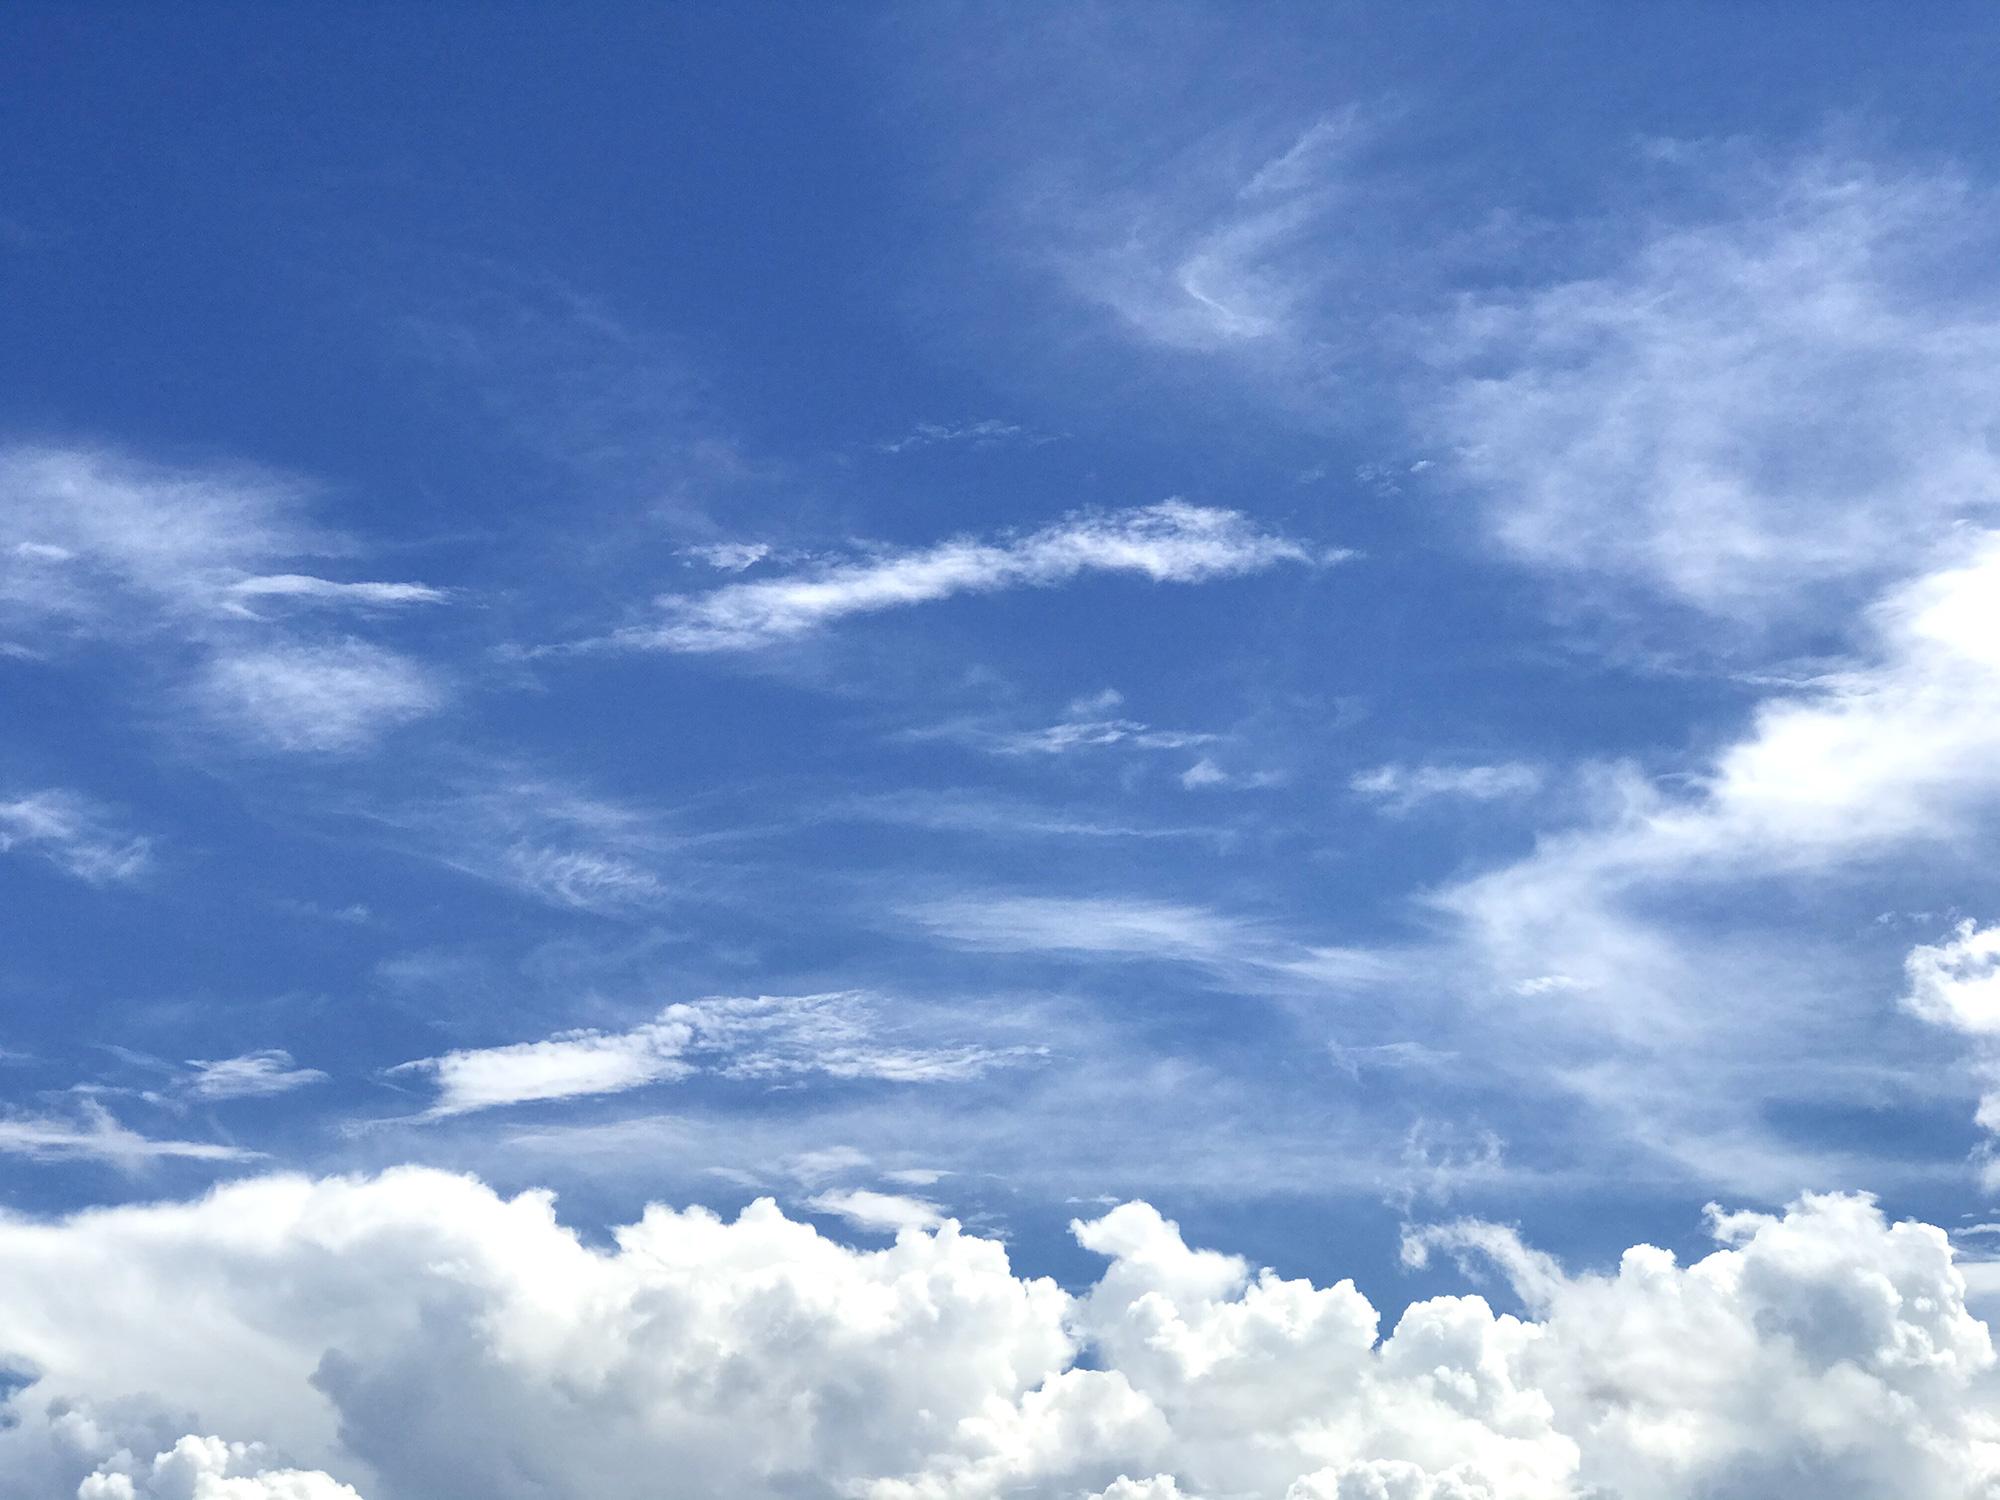 9月の晴れた空の写真のフリー素材